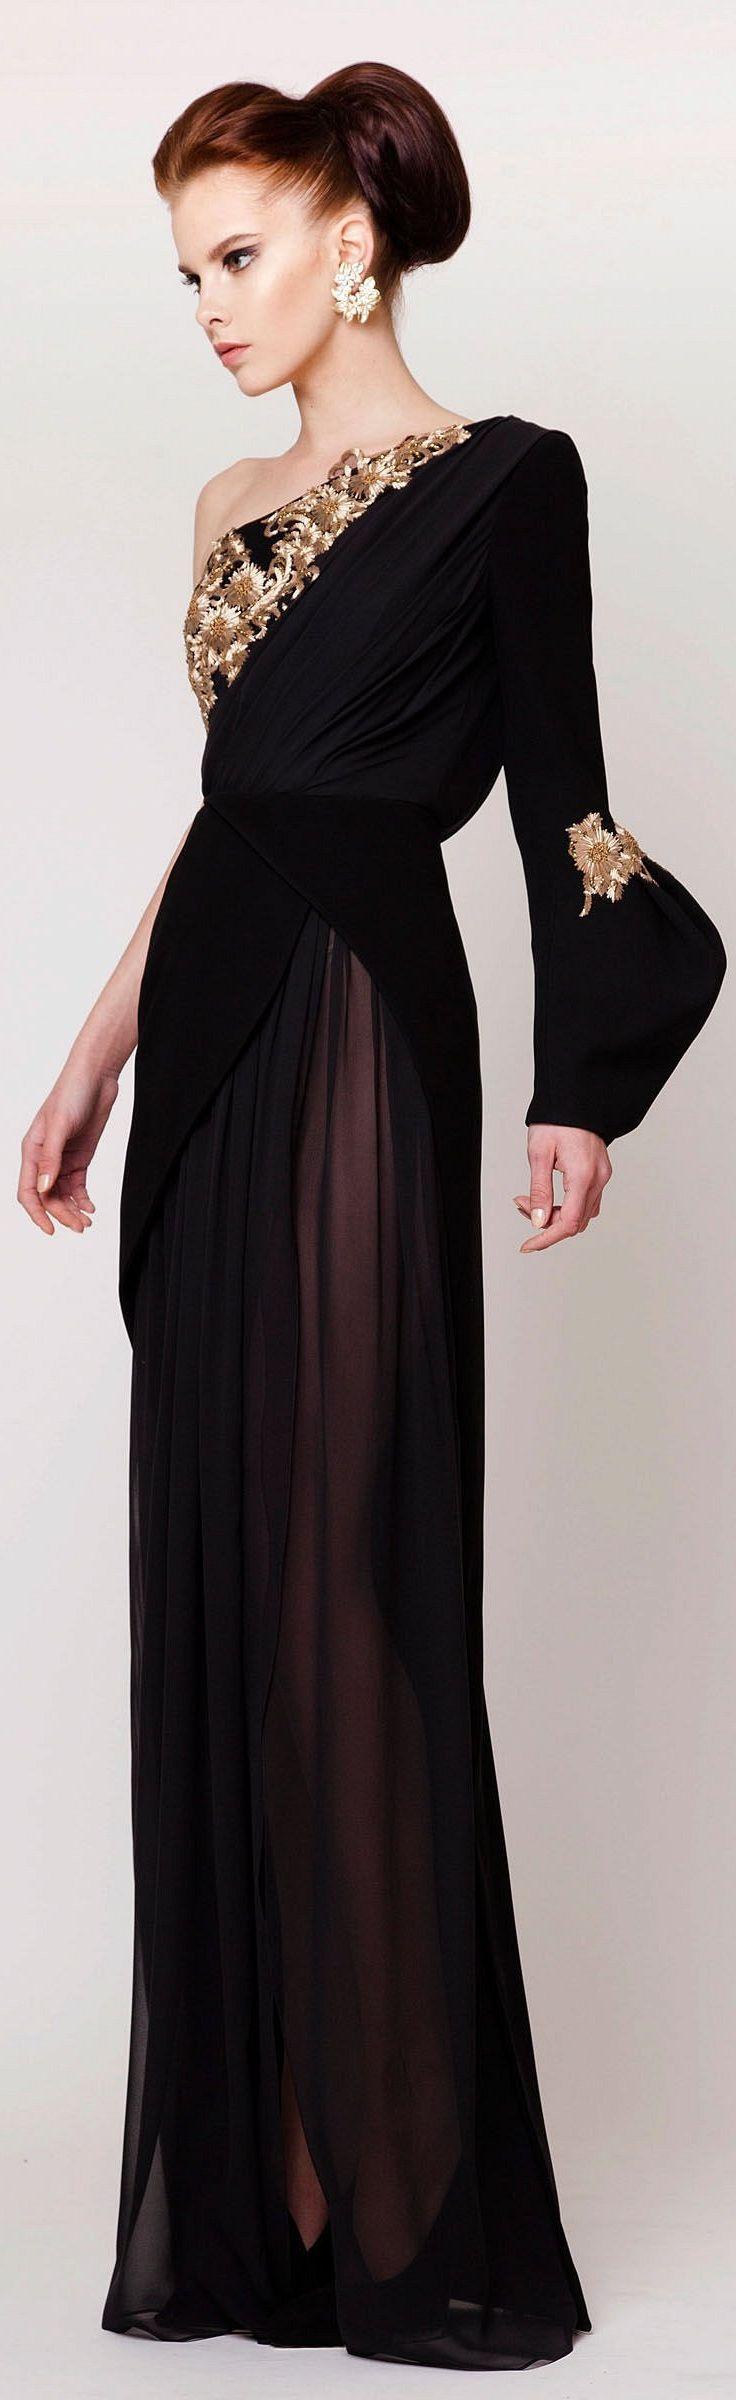 Azzi & Osta Couture S/S 2015